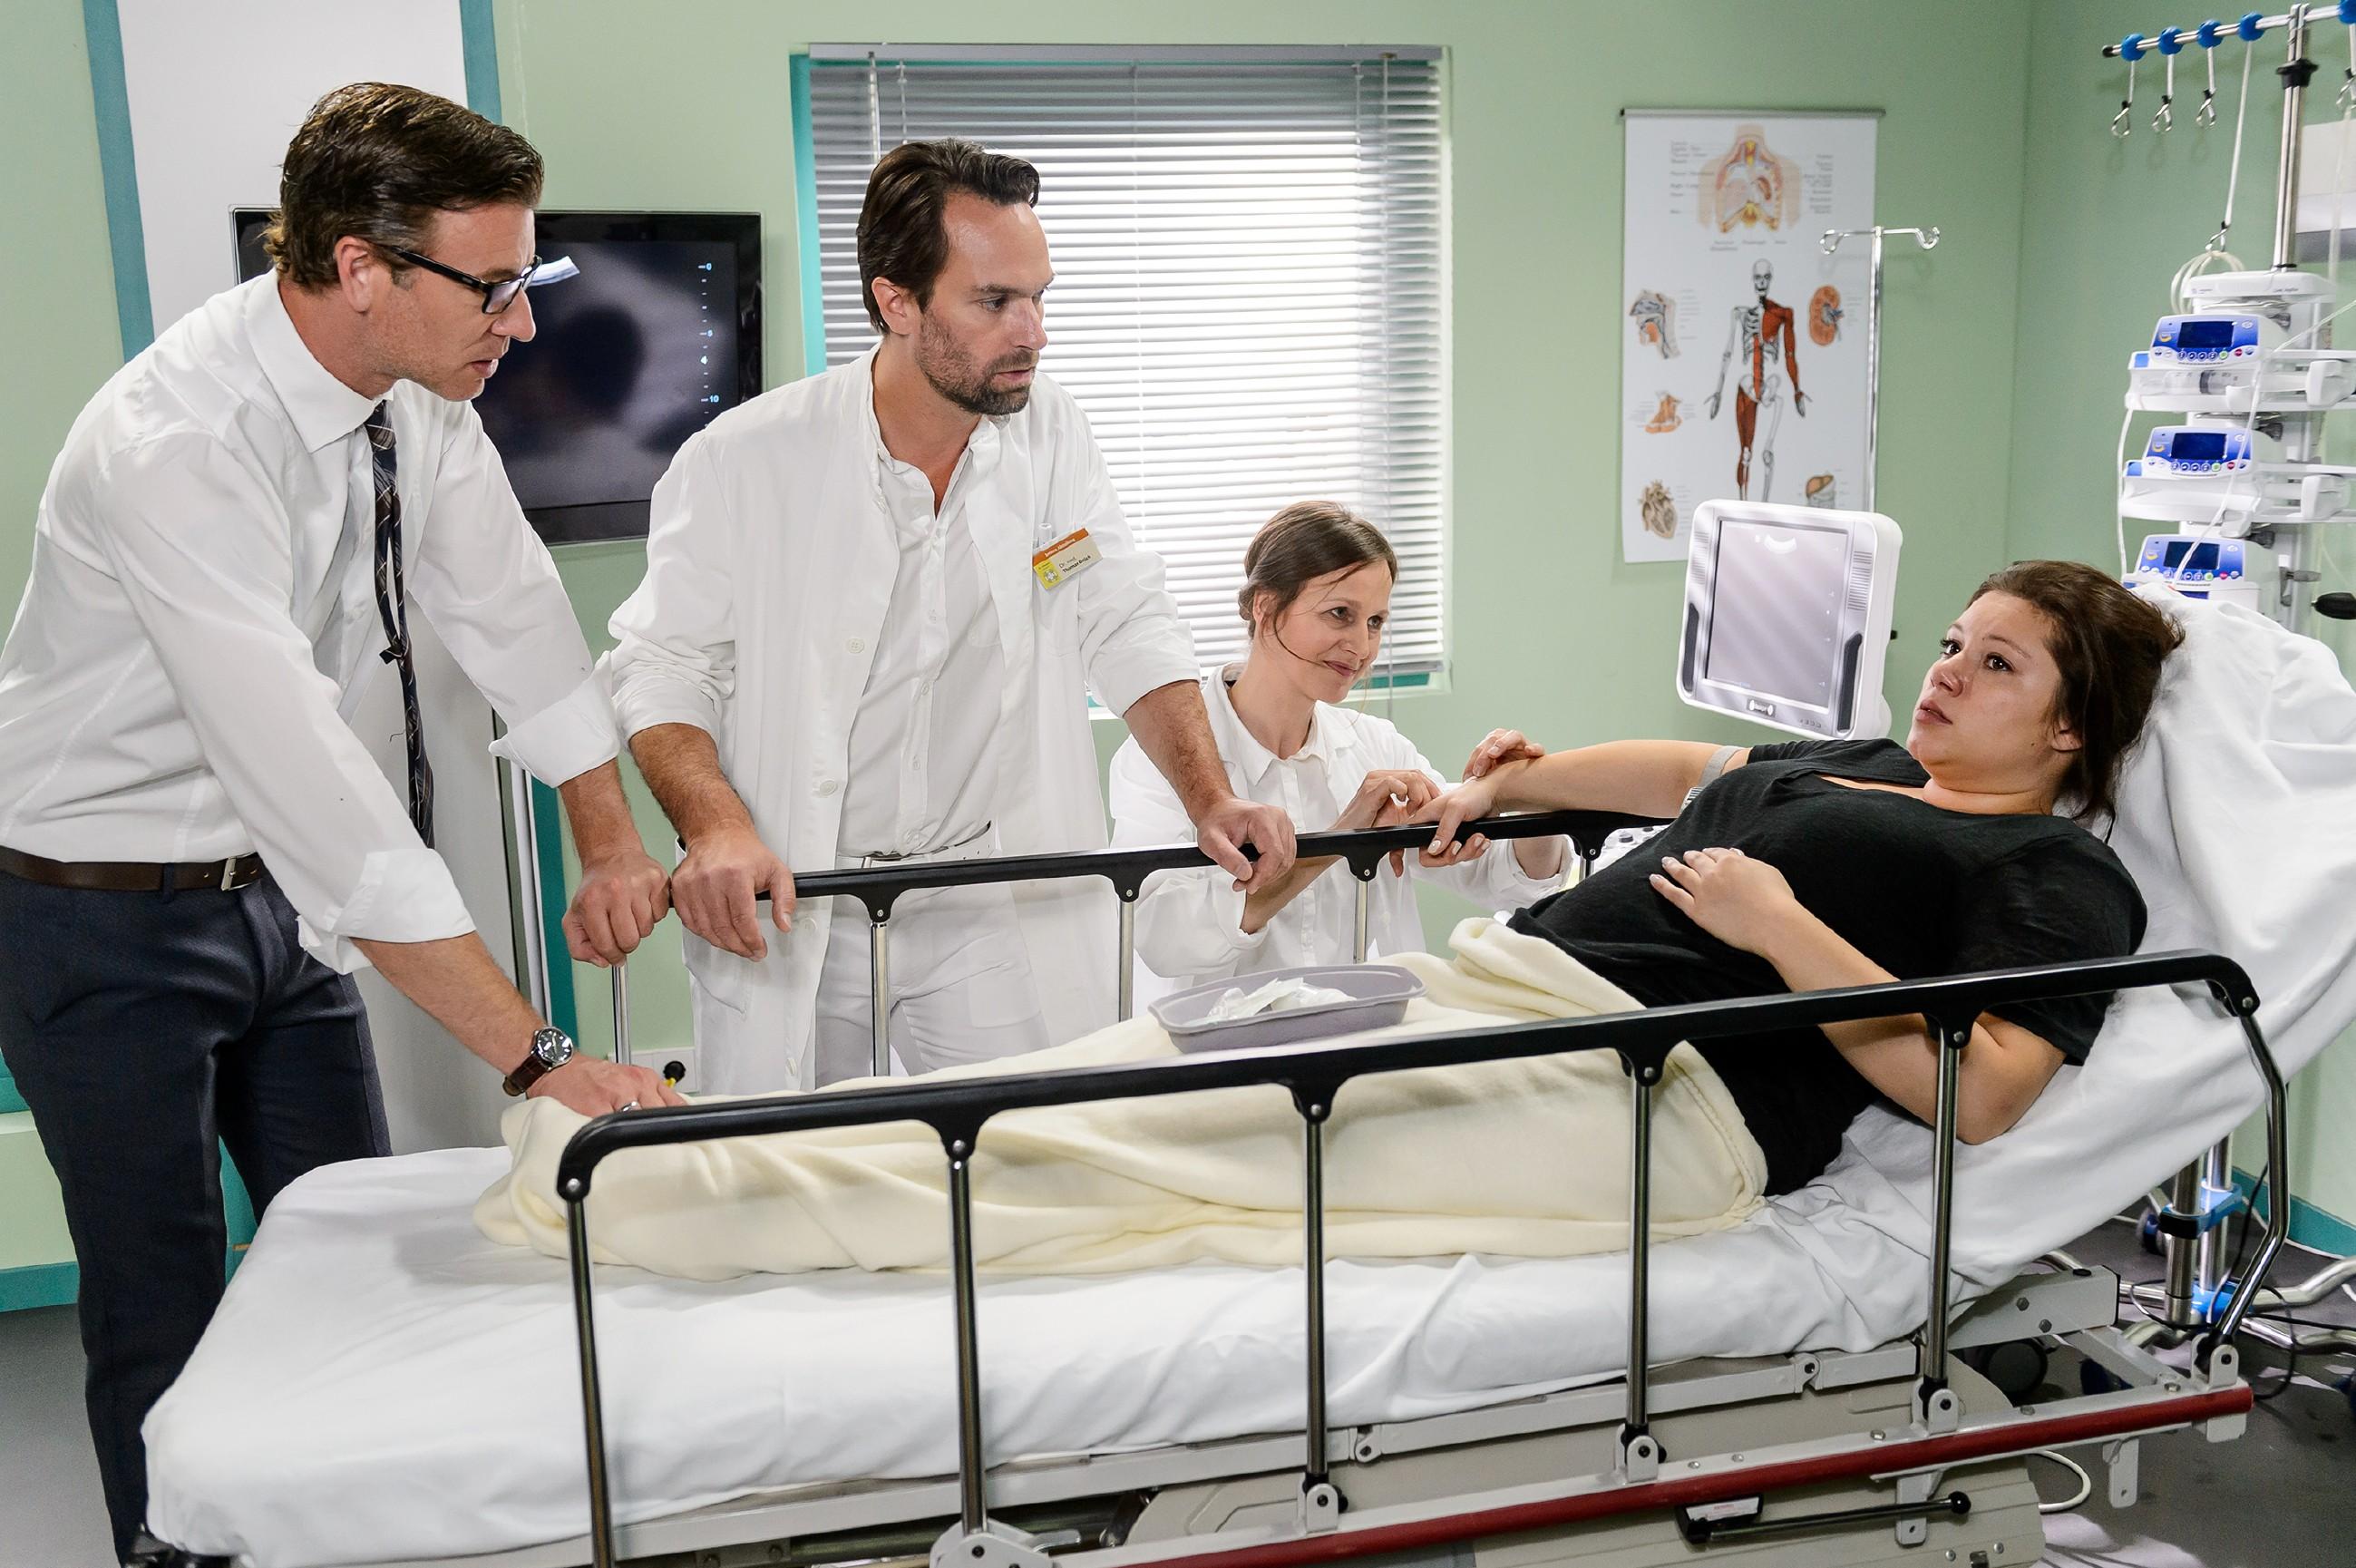 Christoph (Lars Korten, l.) und Thomas (Daniel Brockhaus) begleiten Vanessa (Julia Augustin, r.) in den Behandlungsraum, wo sie von Dr. Fink (Barbara Seifert) wegen den Blutungen untersucht werden soll. (Quelle: RTL / Willi Weber)